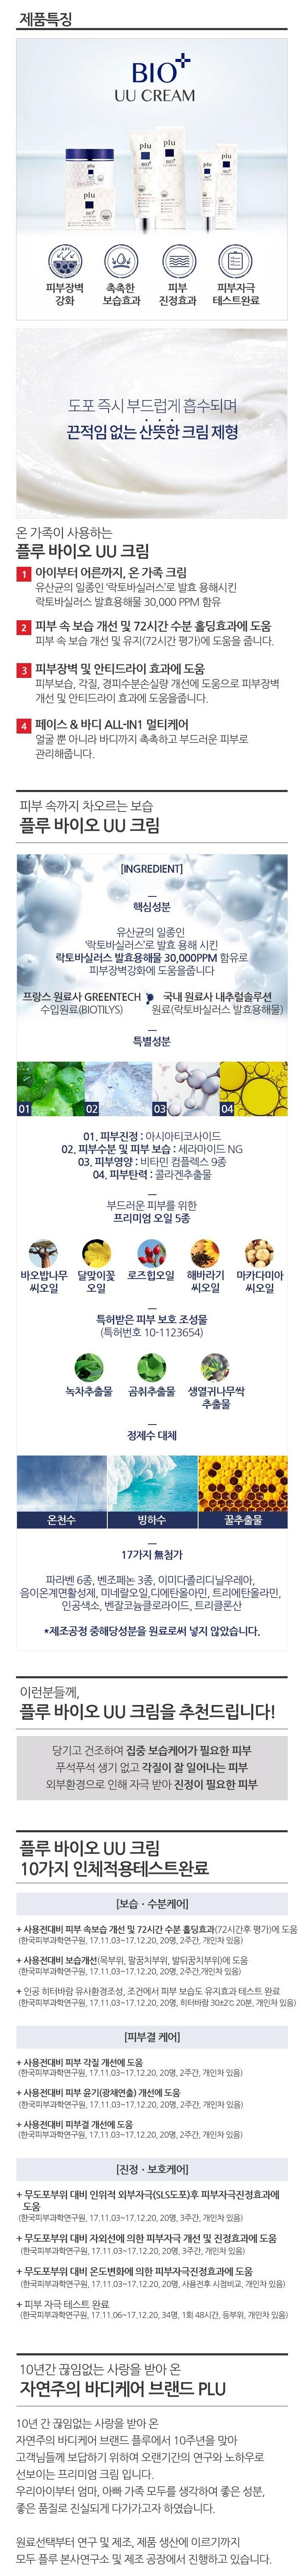 플루 바이오 유유크림 100ml - 플루, 33,000원, 크림/오일, 크림